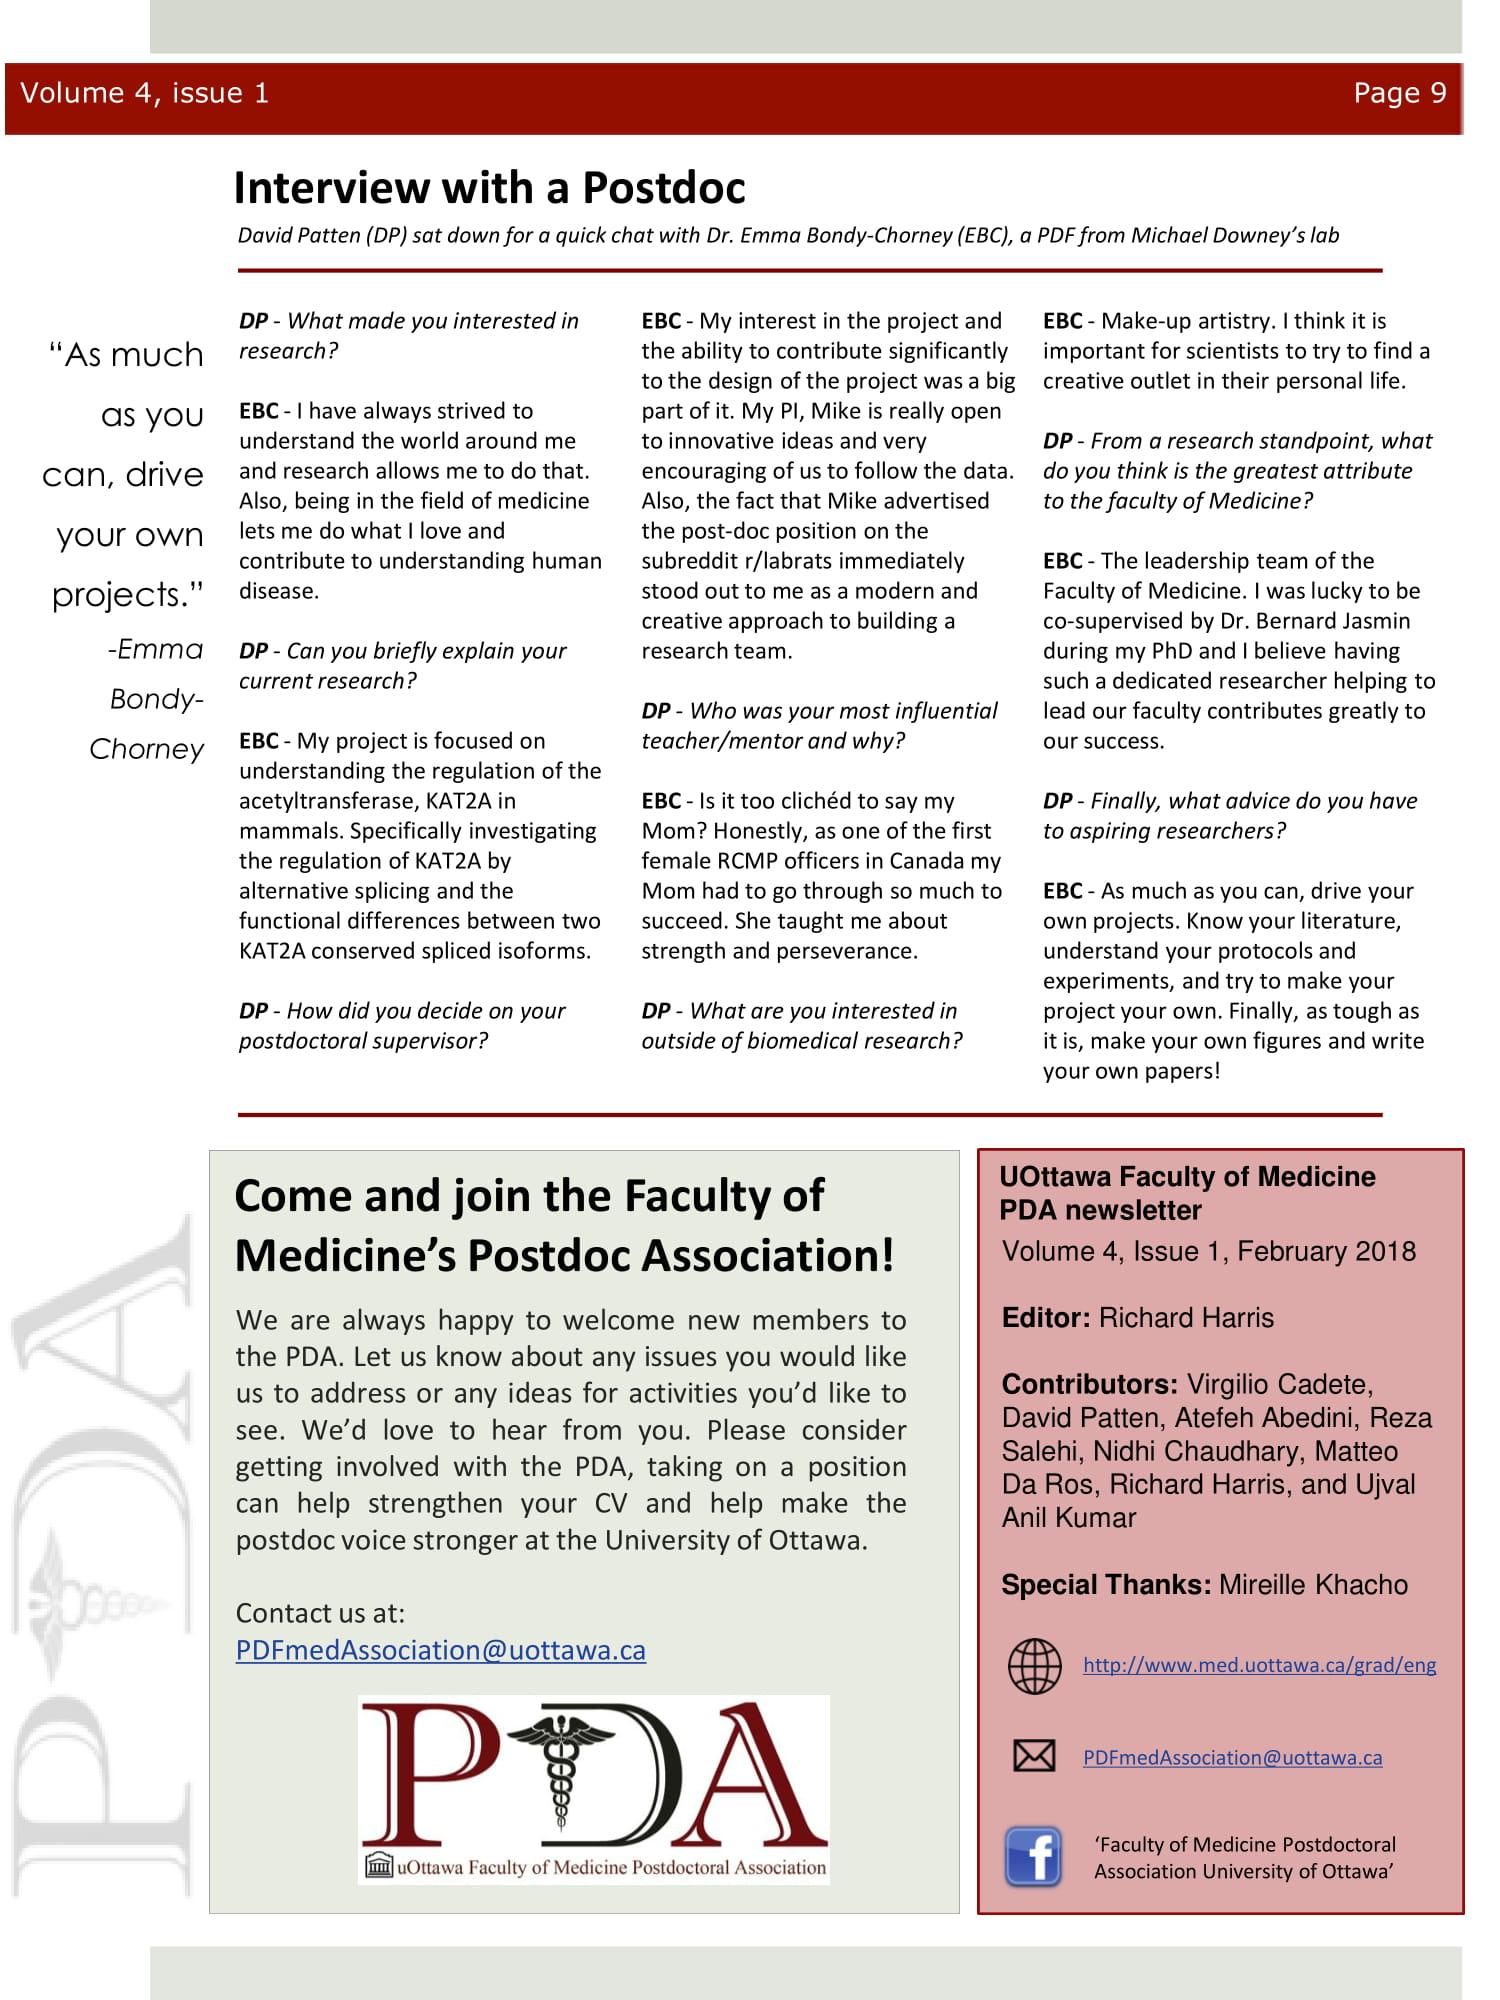 PDA_Newsletter_Volume_4_Issue_1-9.jpg